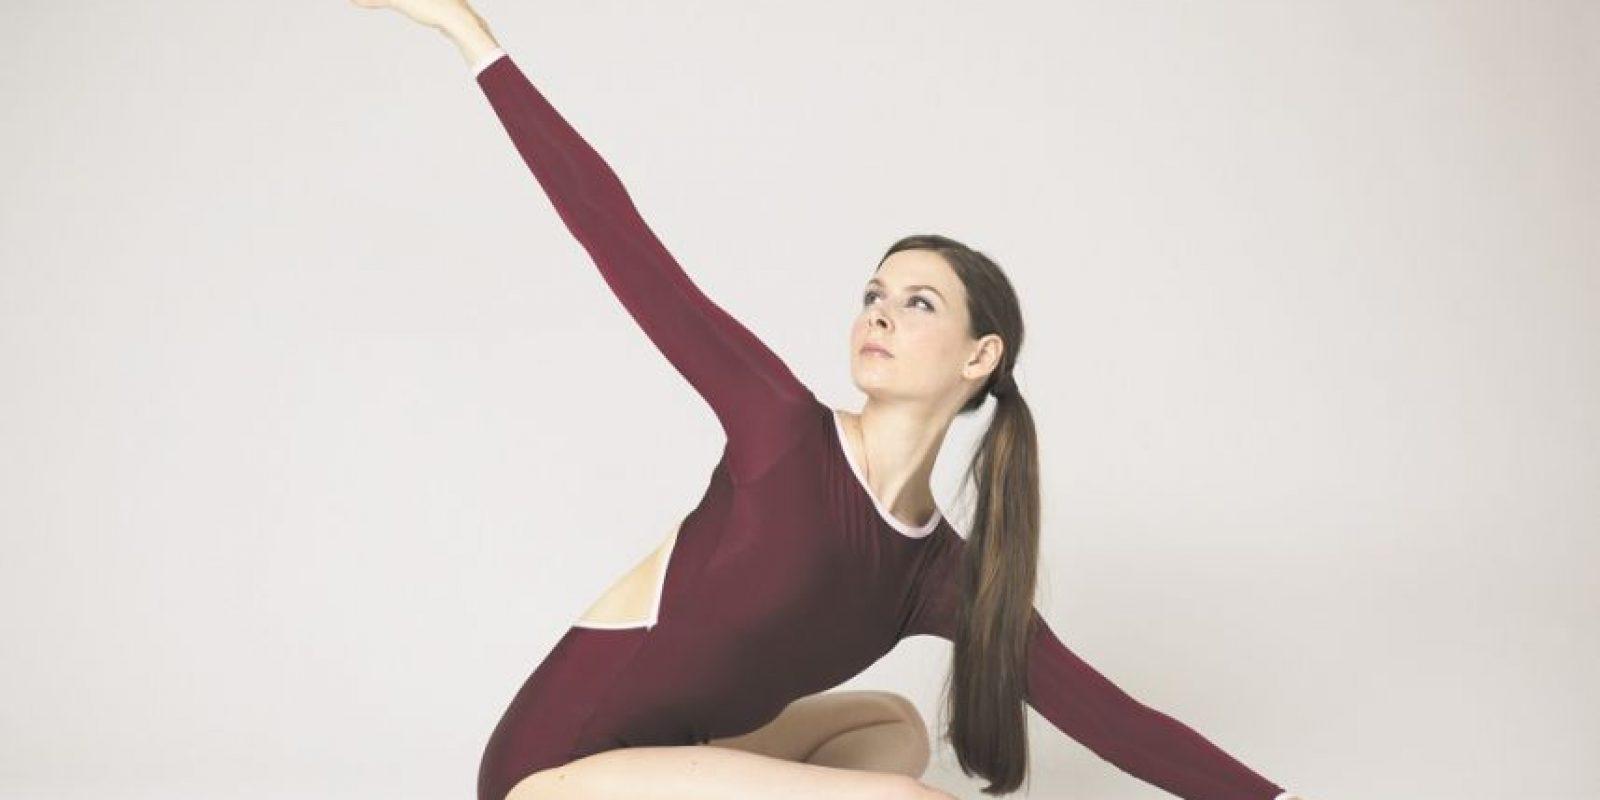 """1. El clásico estiramiento de los isquiotibiales. """"En el ballet, el estiramiento es todo.""""Siéntate en la colchoneta con las piernas delante de ti. Dobla la rodilla izquierda hacia las caderas y extiende la pierna derecha en el suelo delante de ti. Estira tu cuerpo hacia delante, hacia el pie derecho, manteniendo la rodilla estirada. Ve hacia el pie derecho con ambas manos mientras los músculos comienzan a abrirse a través de la parte posterior de tu tendón de la corva y la pierna. Repite en el otro lado. Foto:Fuente externa"""